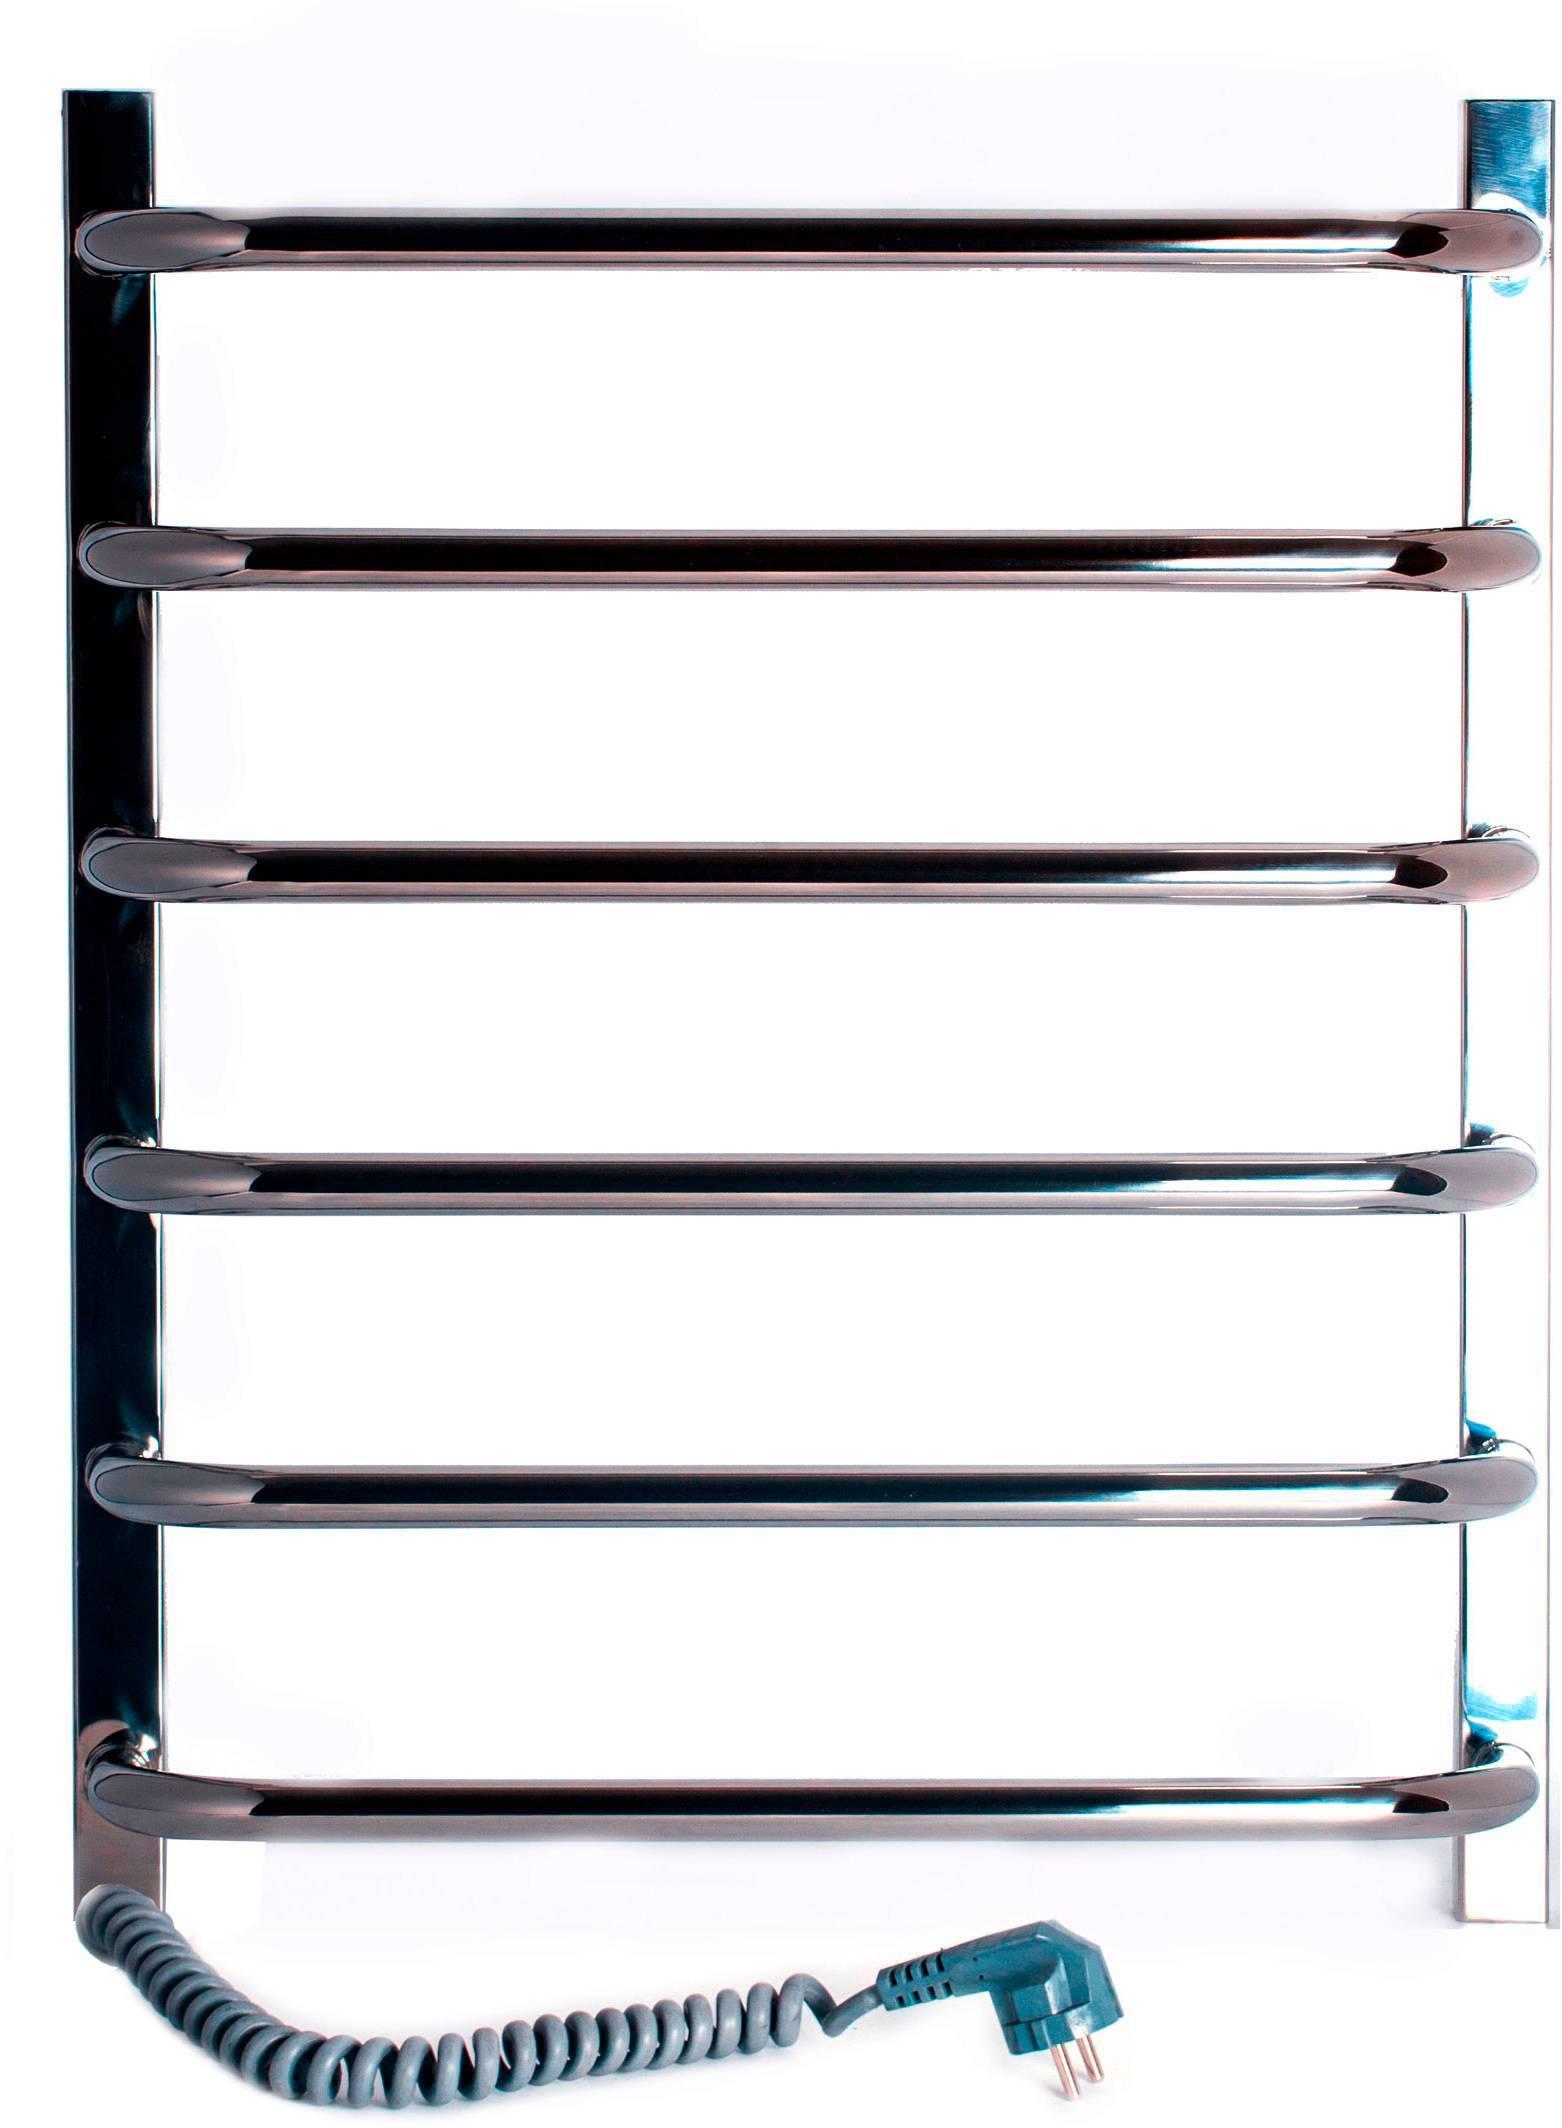 Полотенцесушитель электрический - какой лучше выбрать?